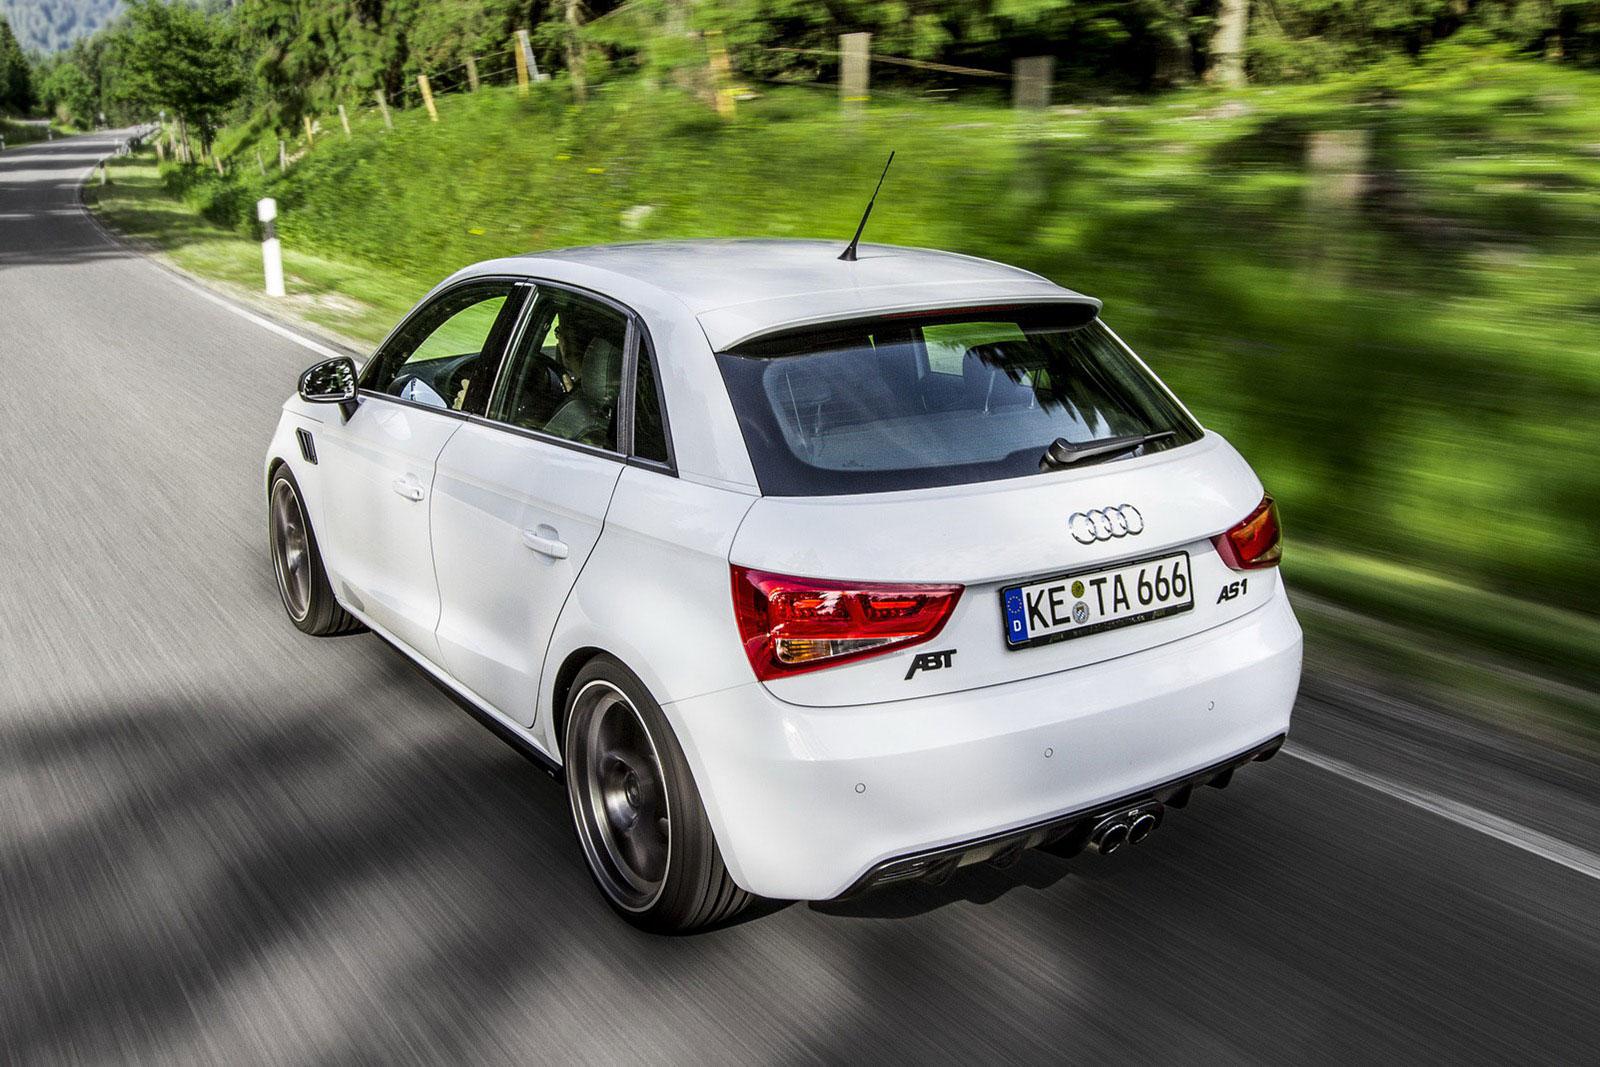 Audi A1 Sportback prodělalo pár vylepšení od ABT Sportsline 5